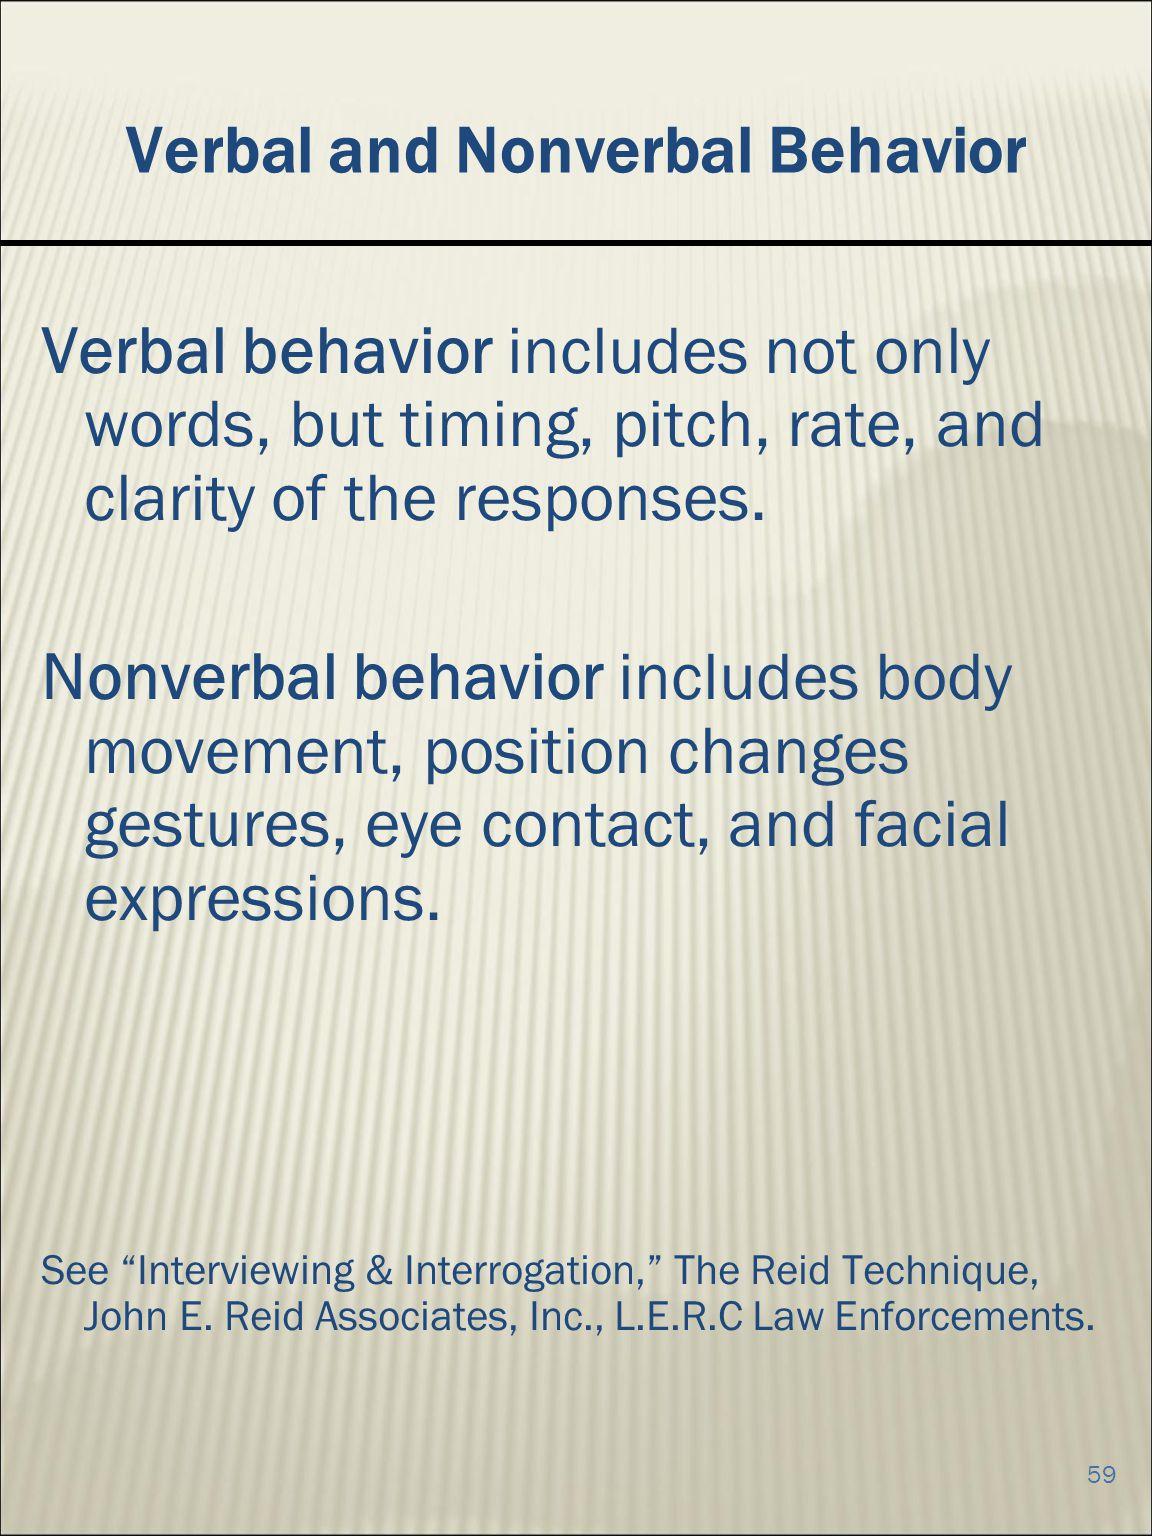 Verbal and Nonverbal Behavior